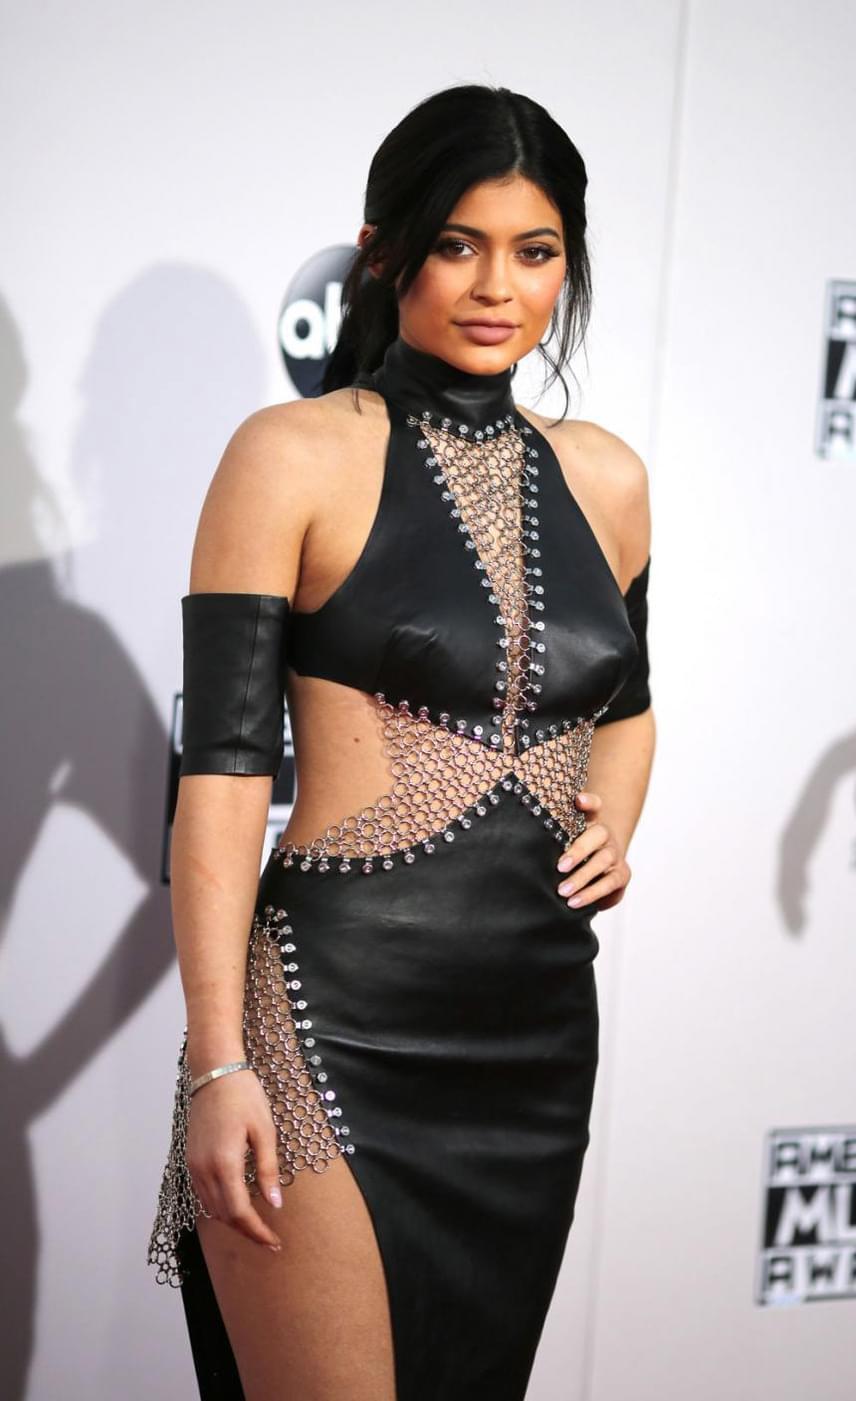 Az American Music Awards díjkiosztó gála vörös szőnyegén igazi vad csajként vonult végig - nagy bátorság kellett egy ilyen rockos szerelés viseléséhez.